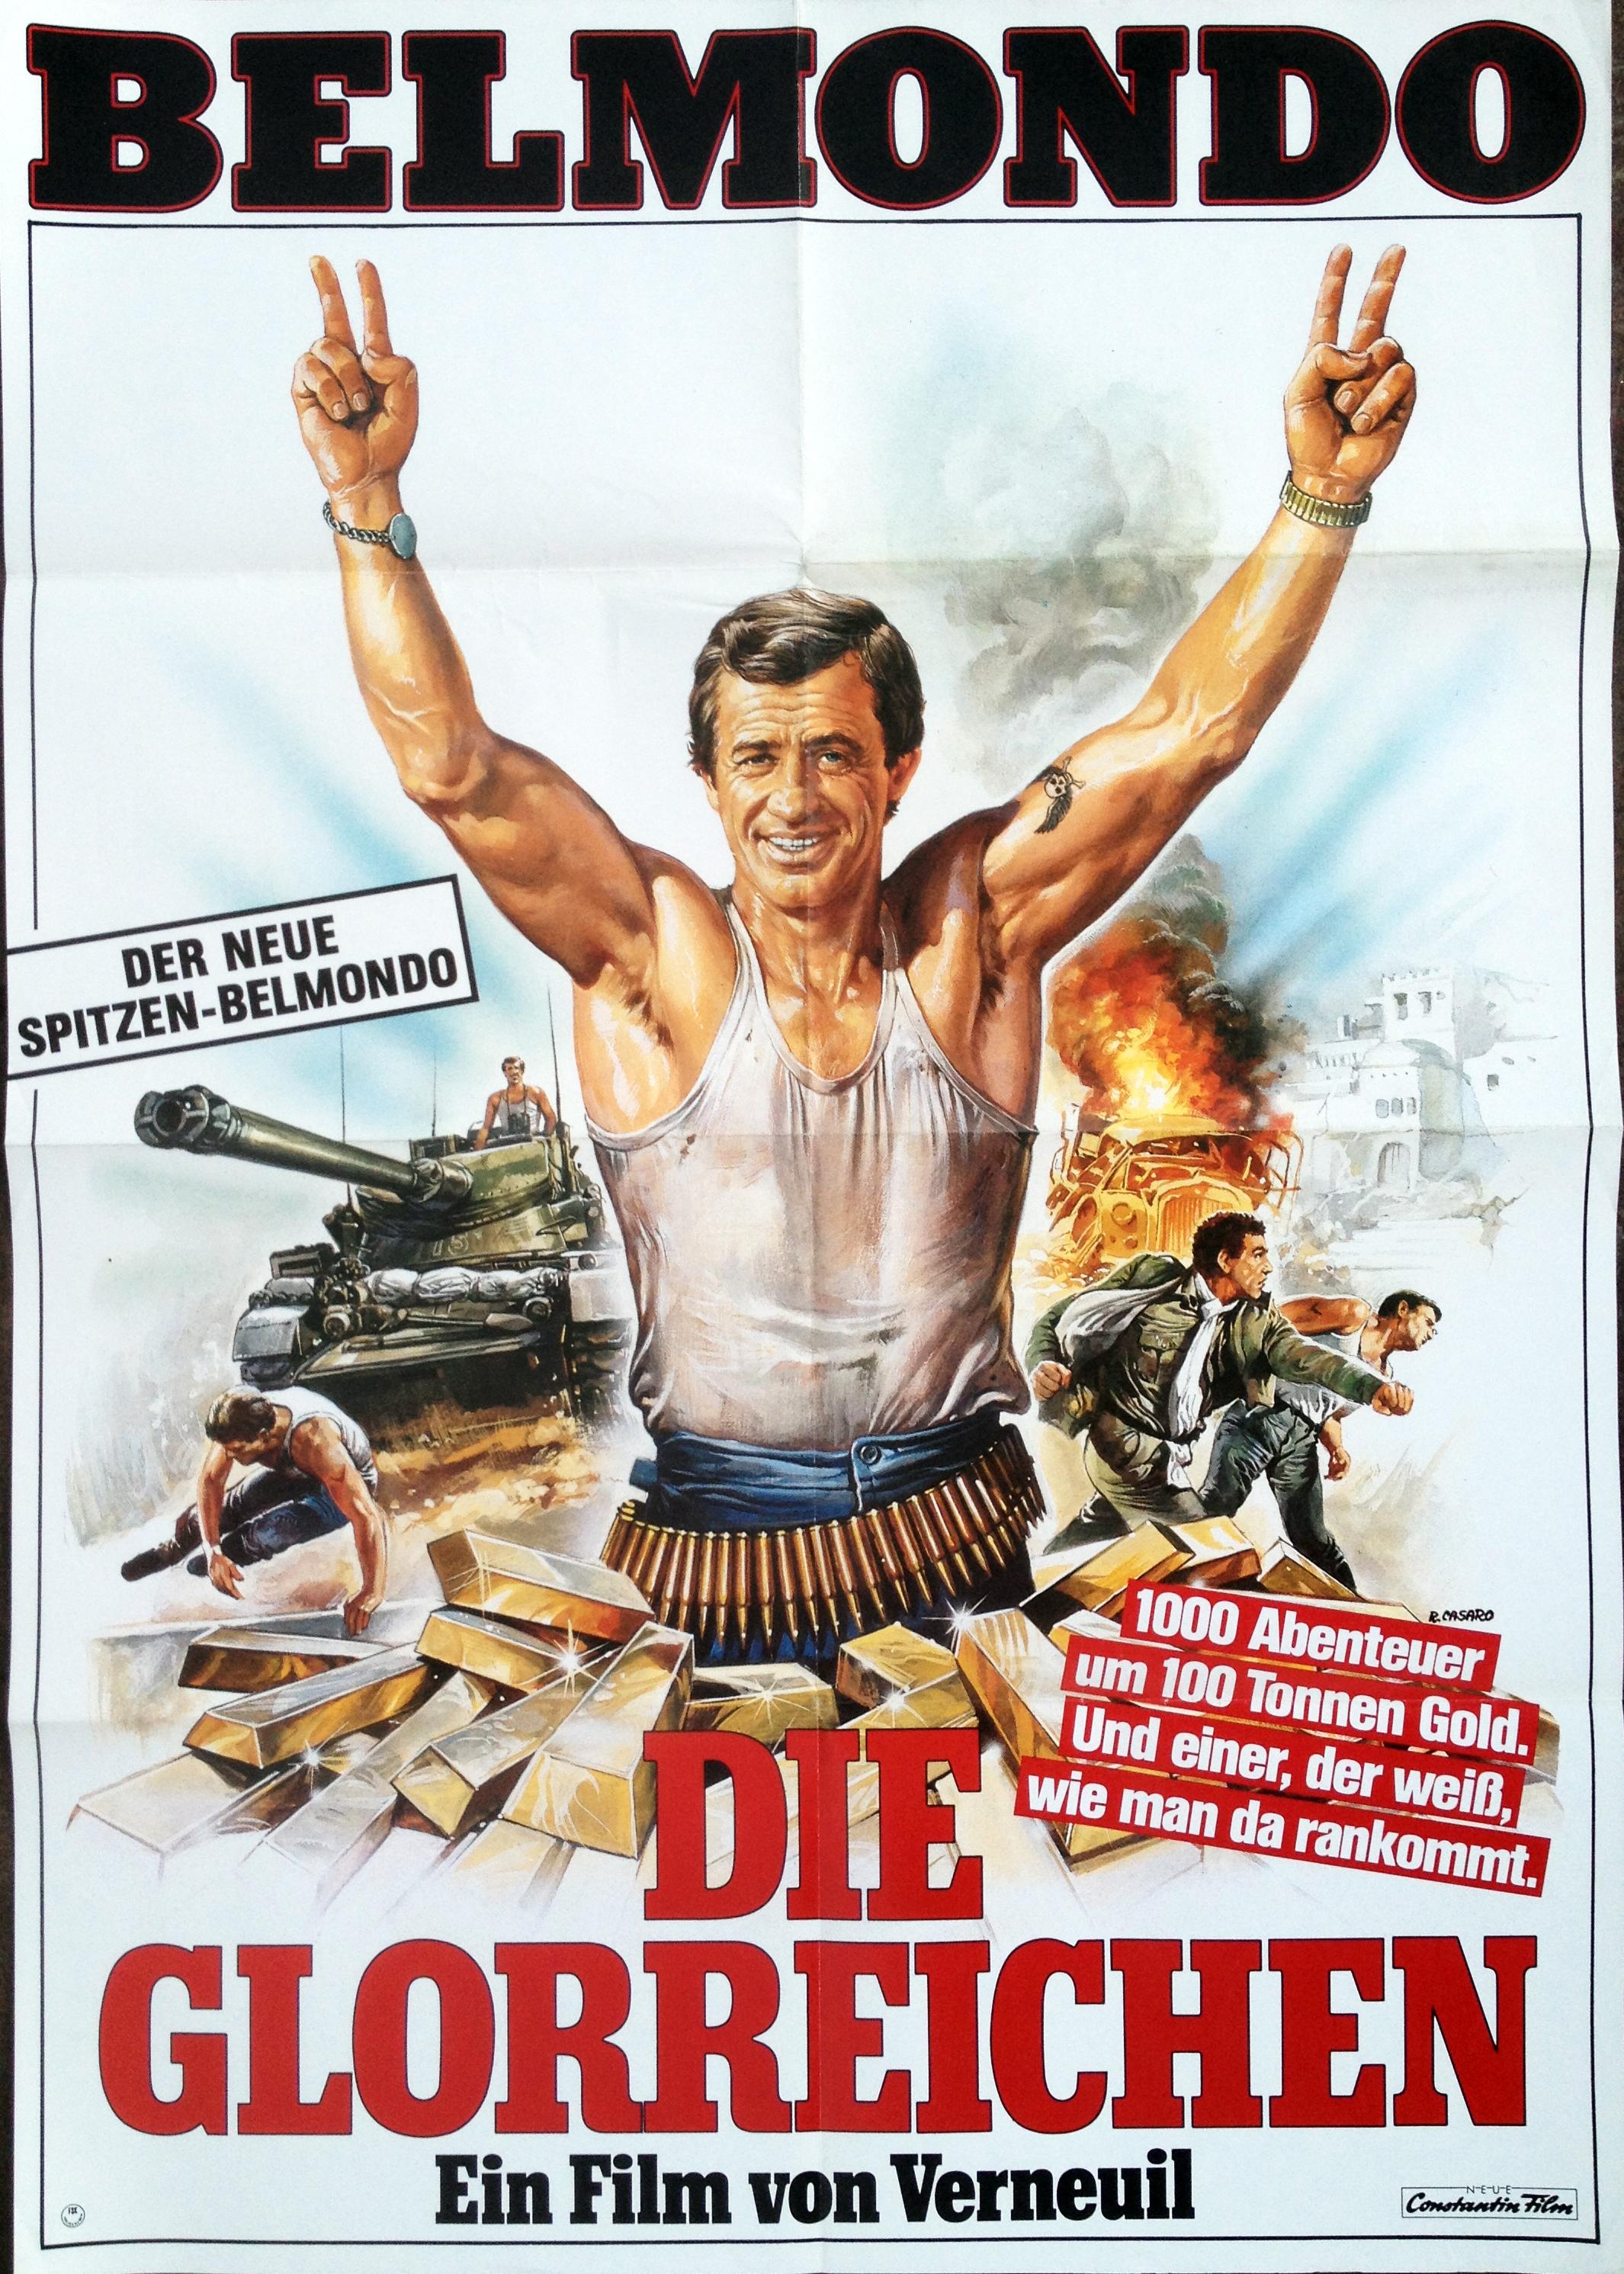 танк фильм 1984 онлайн в хорошем качестве бесплатно